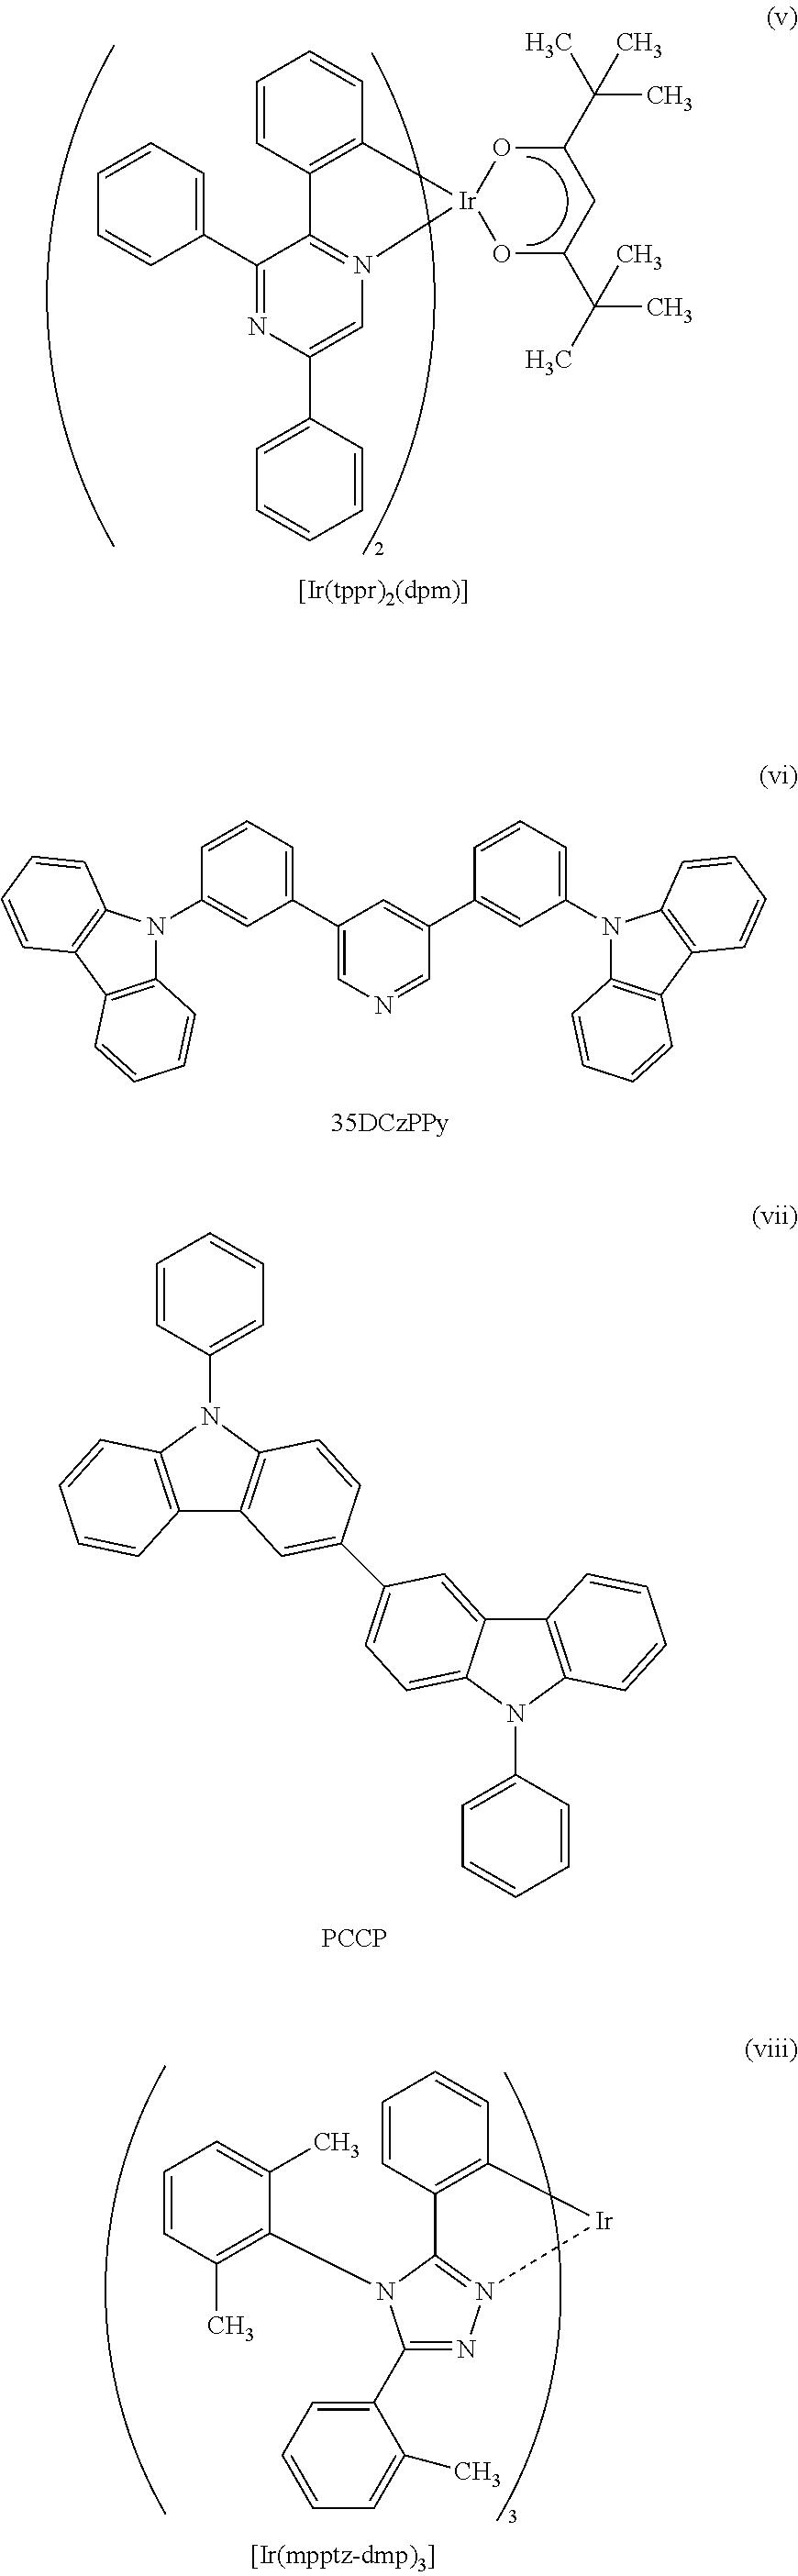 Figure US10121984-20181106-C00002